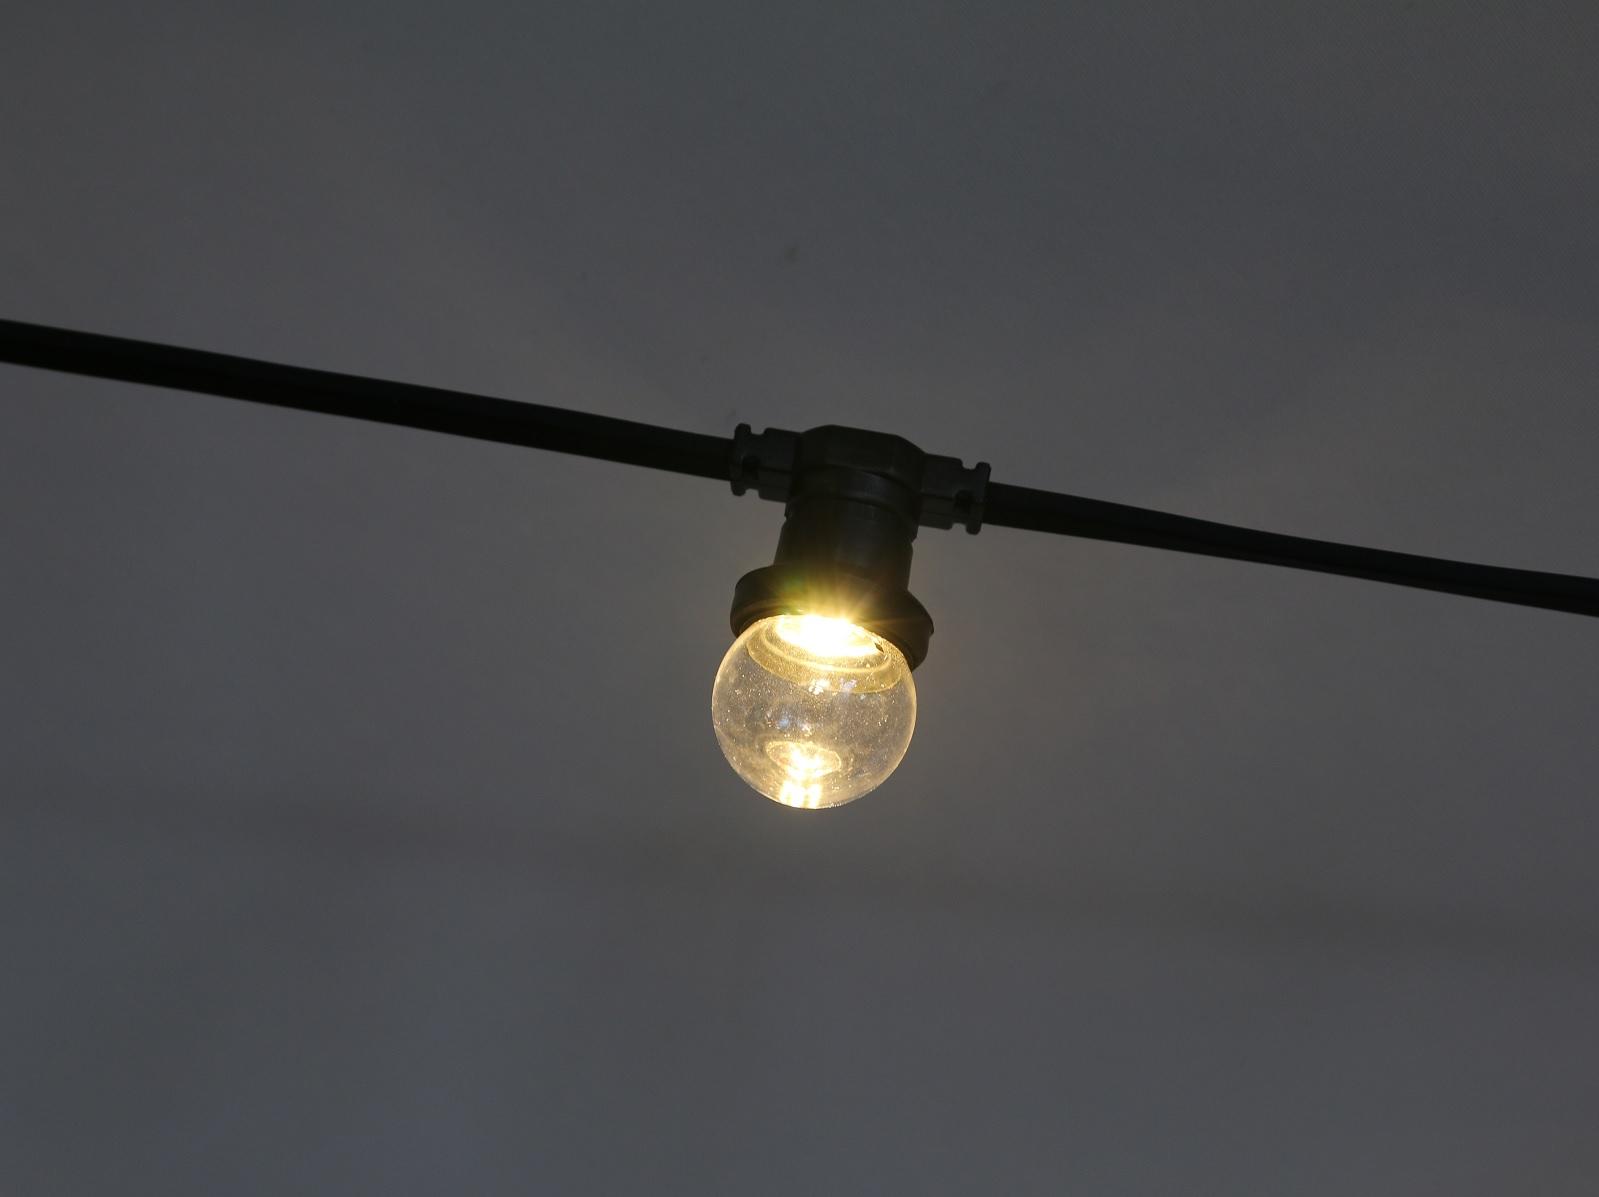 Prikkabel Led Lampen : Led lampen voor dimmer led pro task lamp with dimmer lc led by